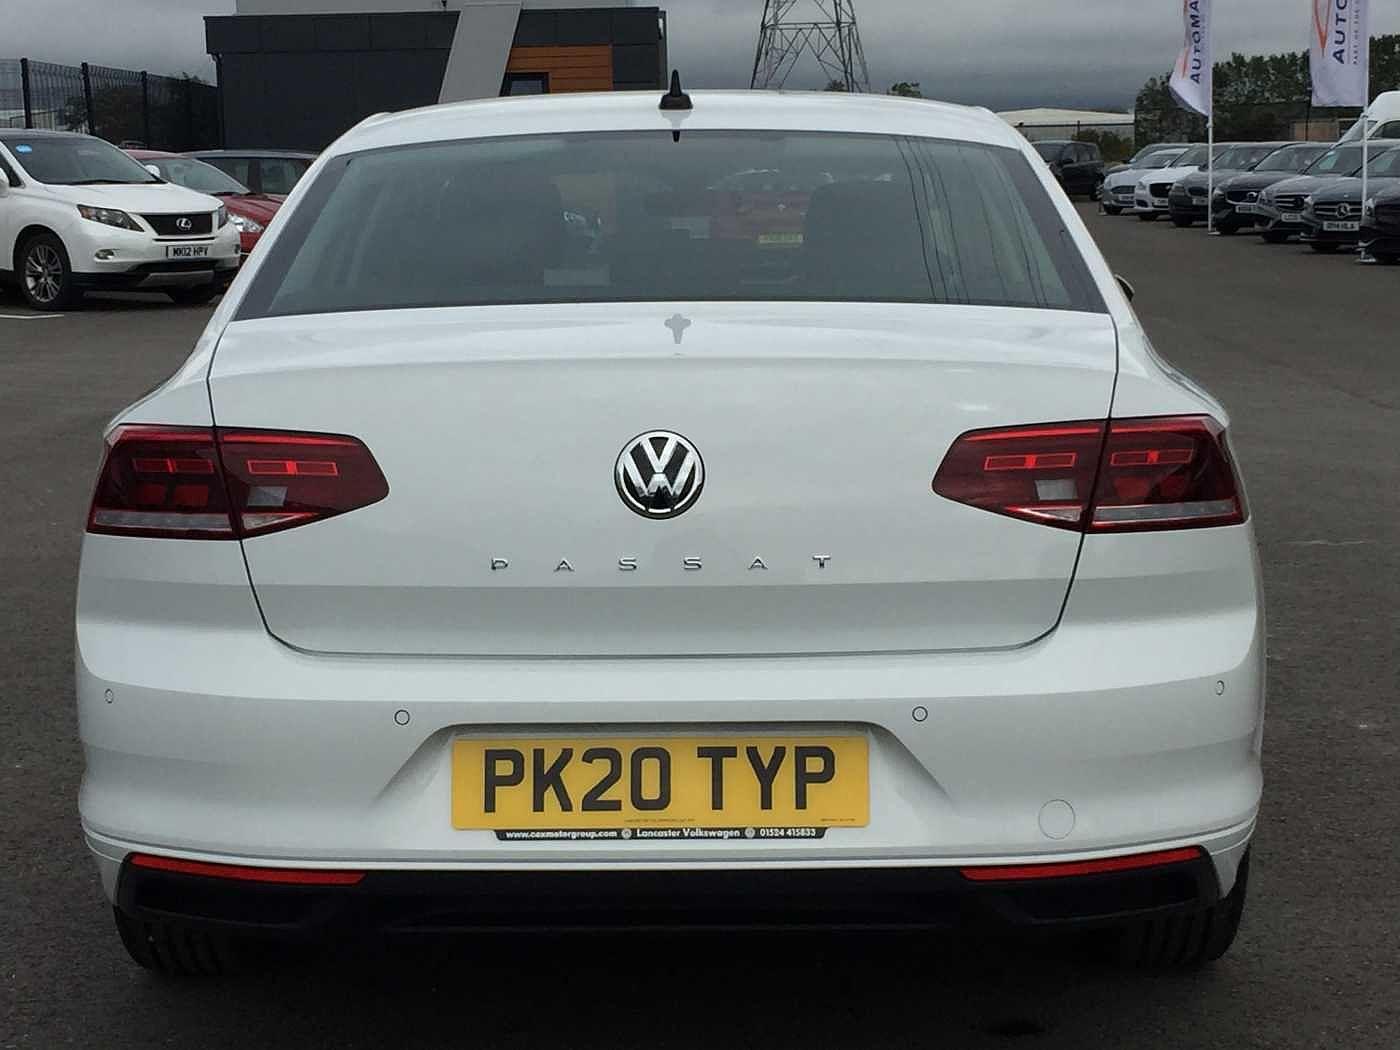 Volkswagen Passat Images